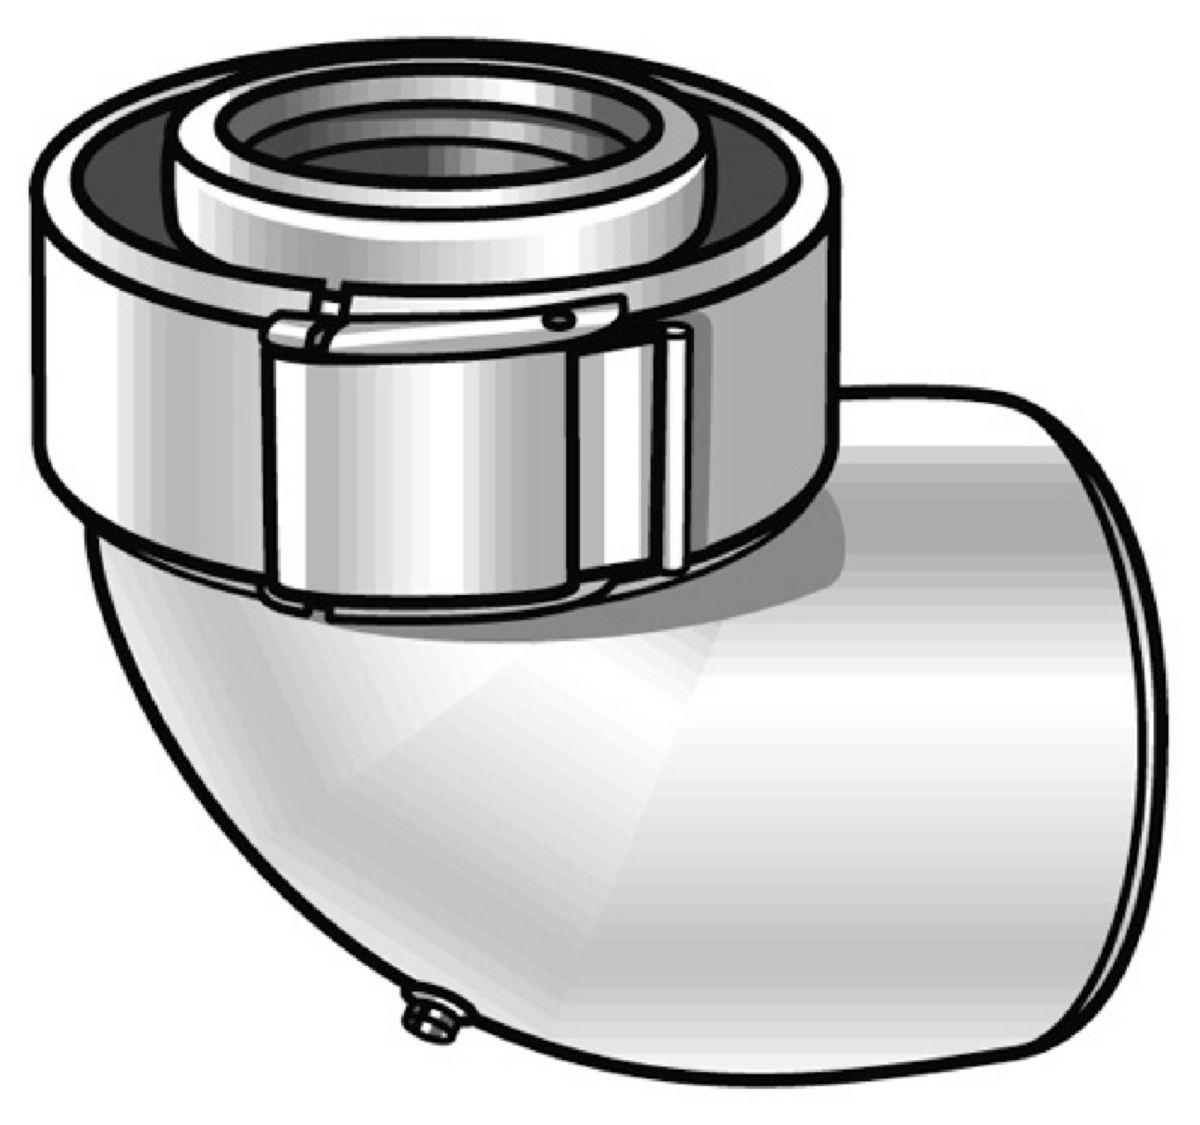 Coude 90° en aluminium et PVC diamètre 60 / 100 système collier réf. 227233